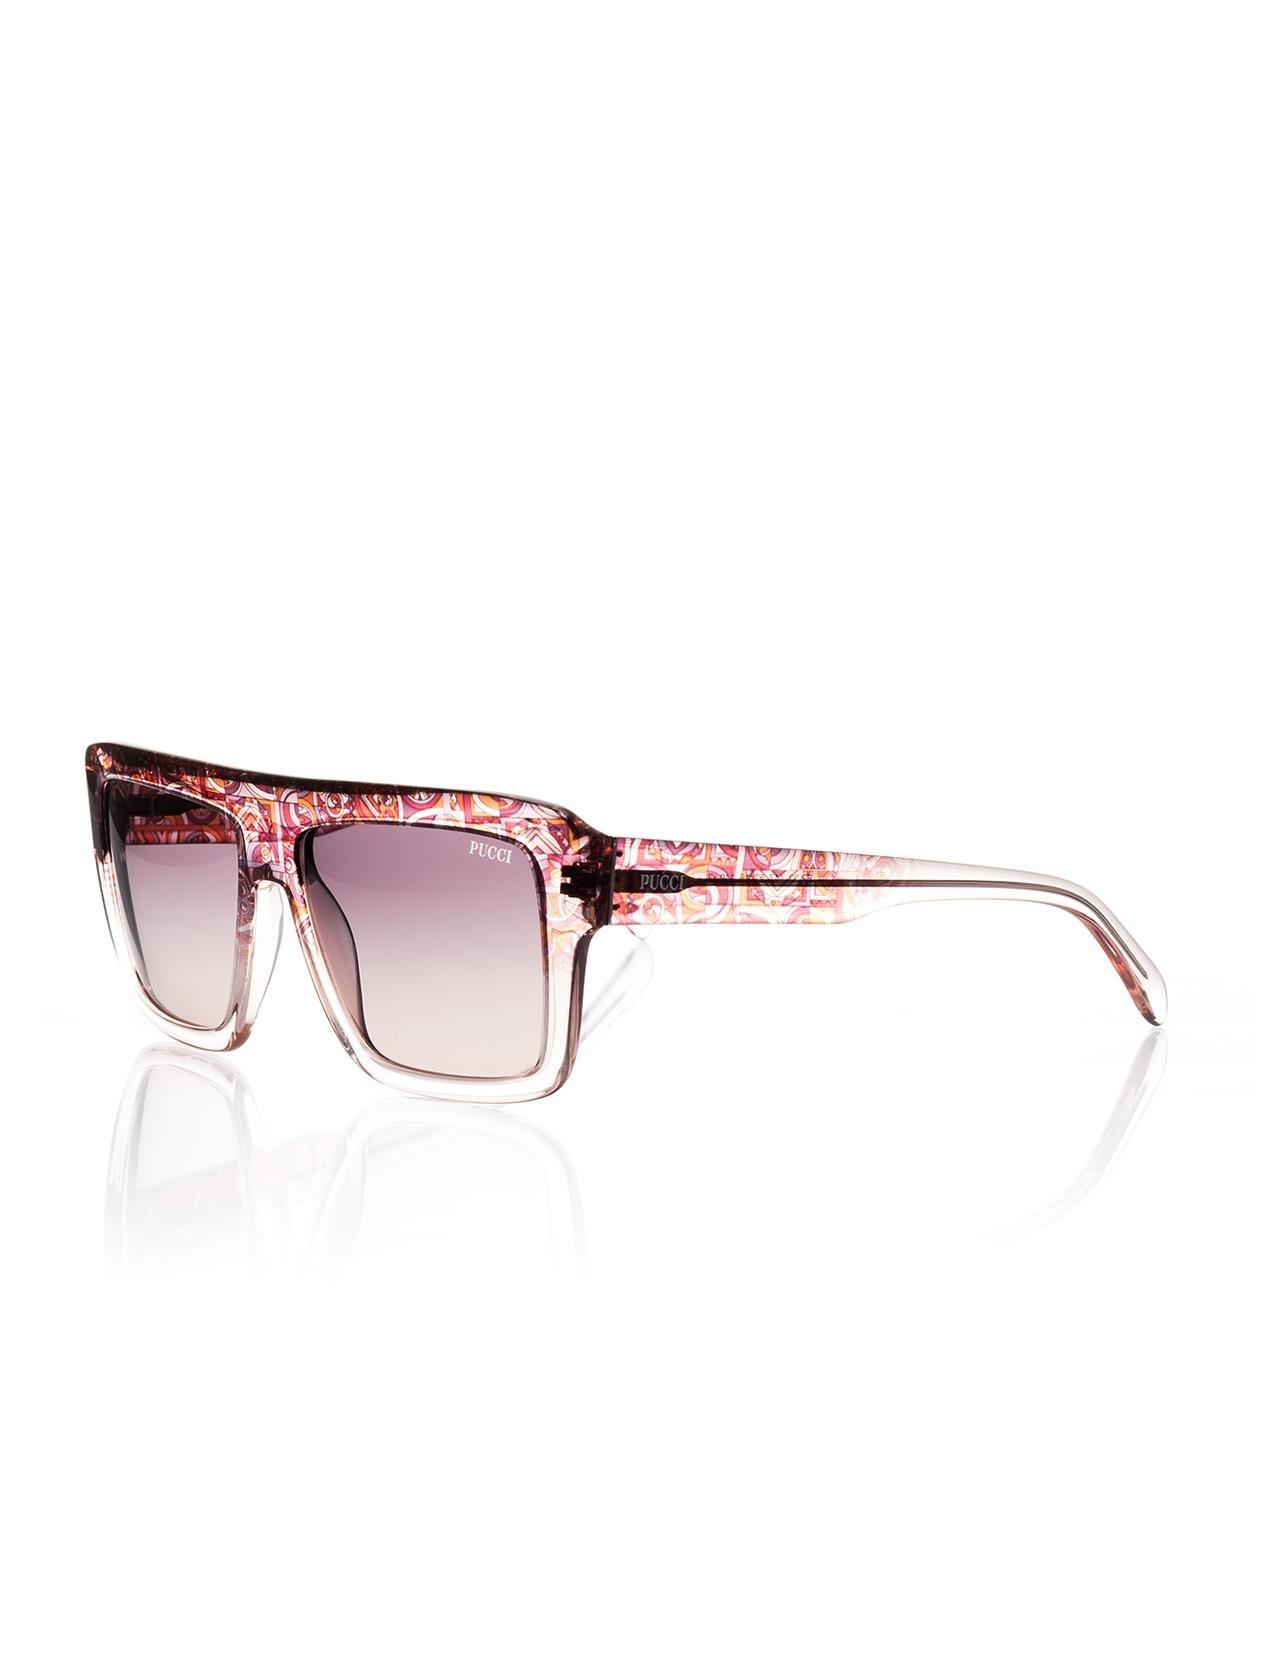 Women's sunglasses ep 0033 44z bone pink organic square square 57-16-140 emilio pucci